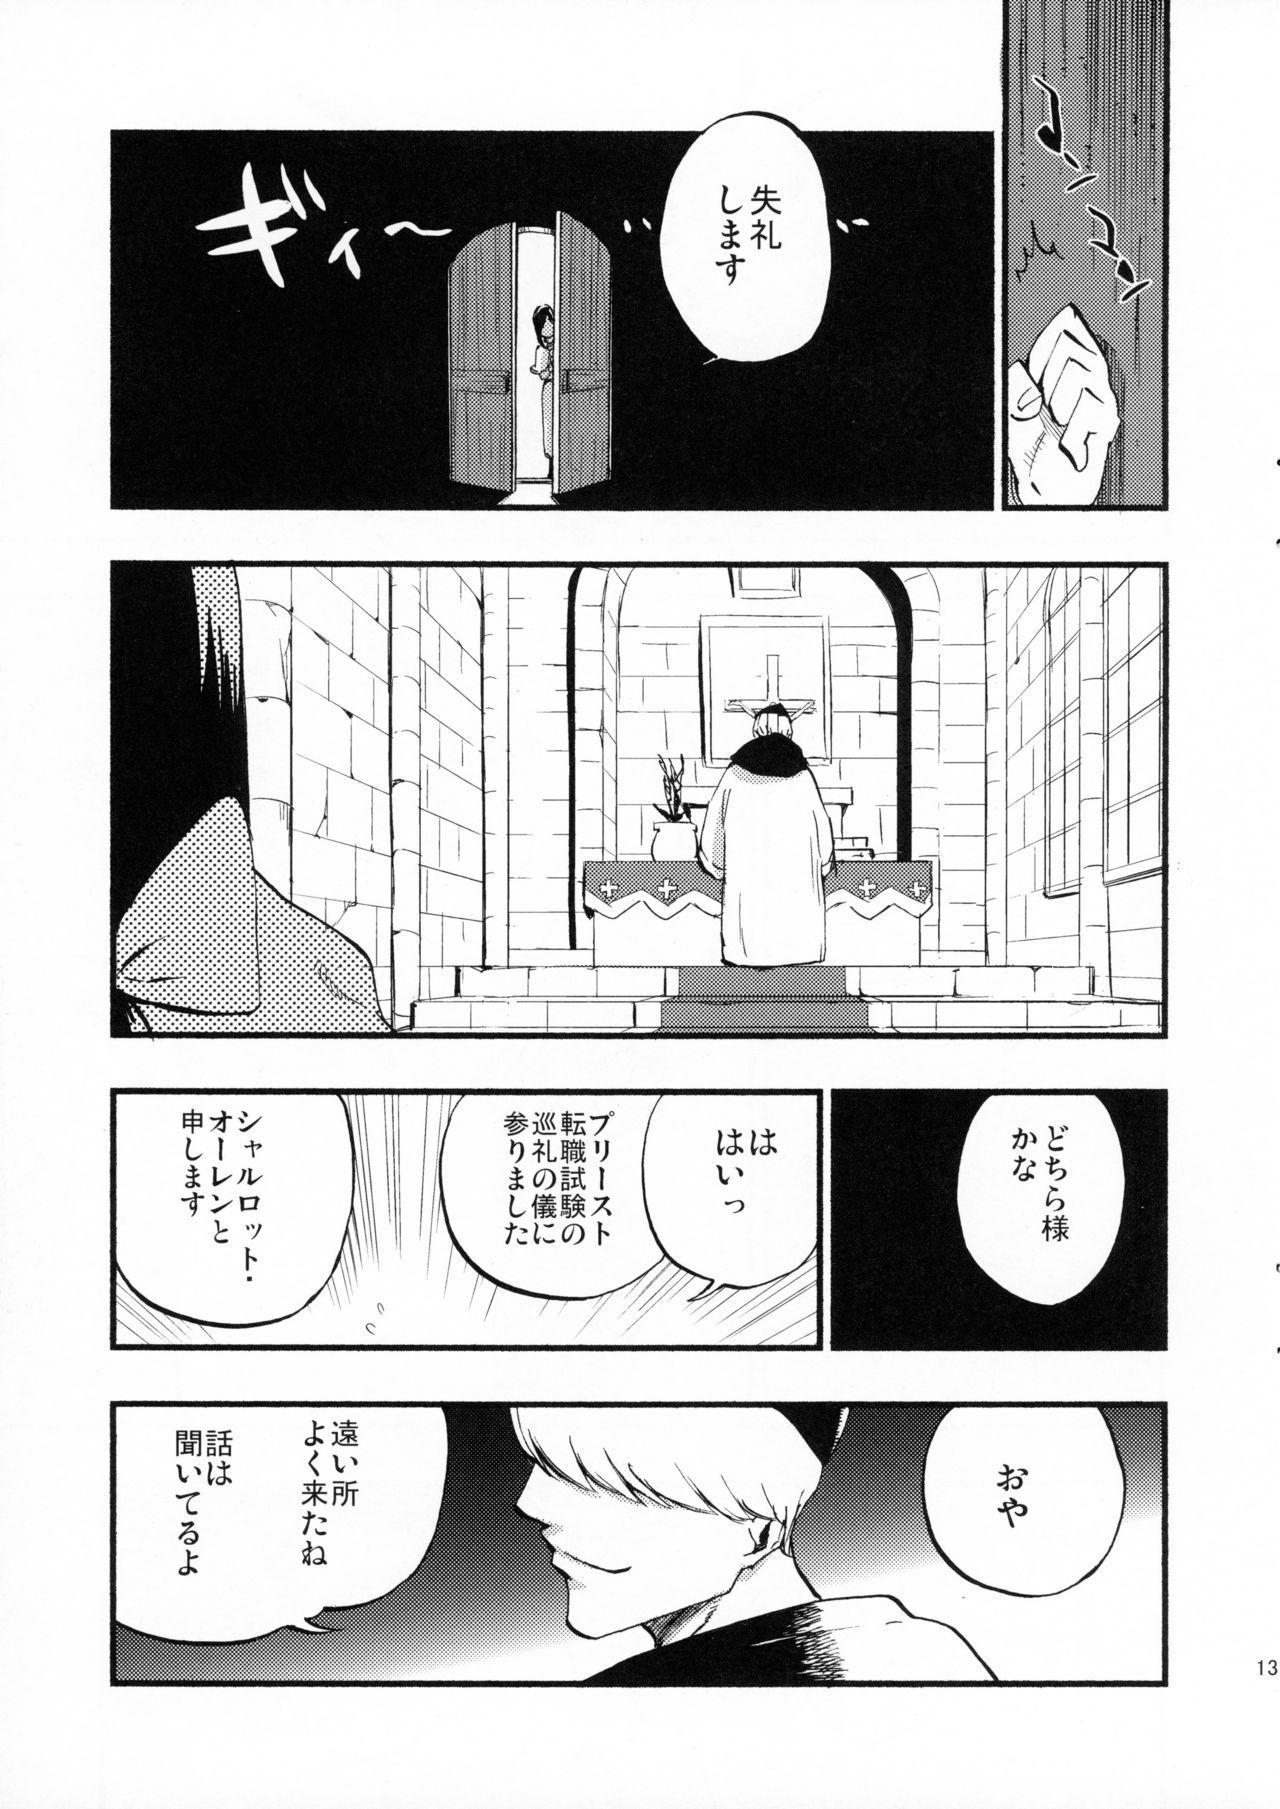 AcoPri Monogatari 11